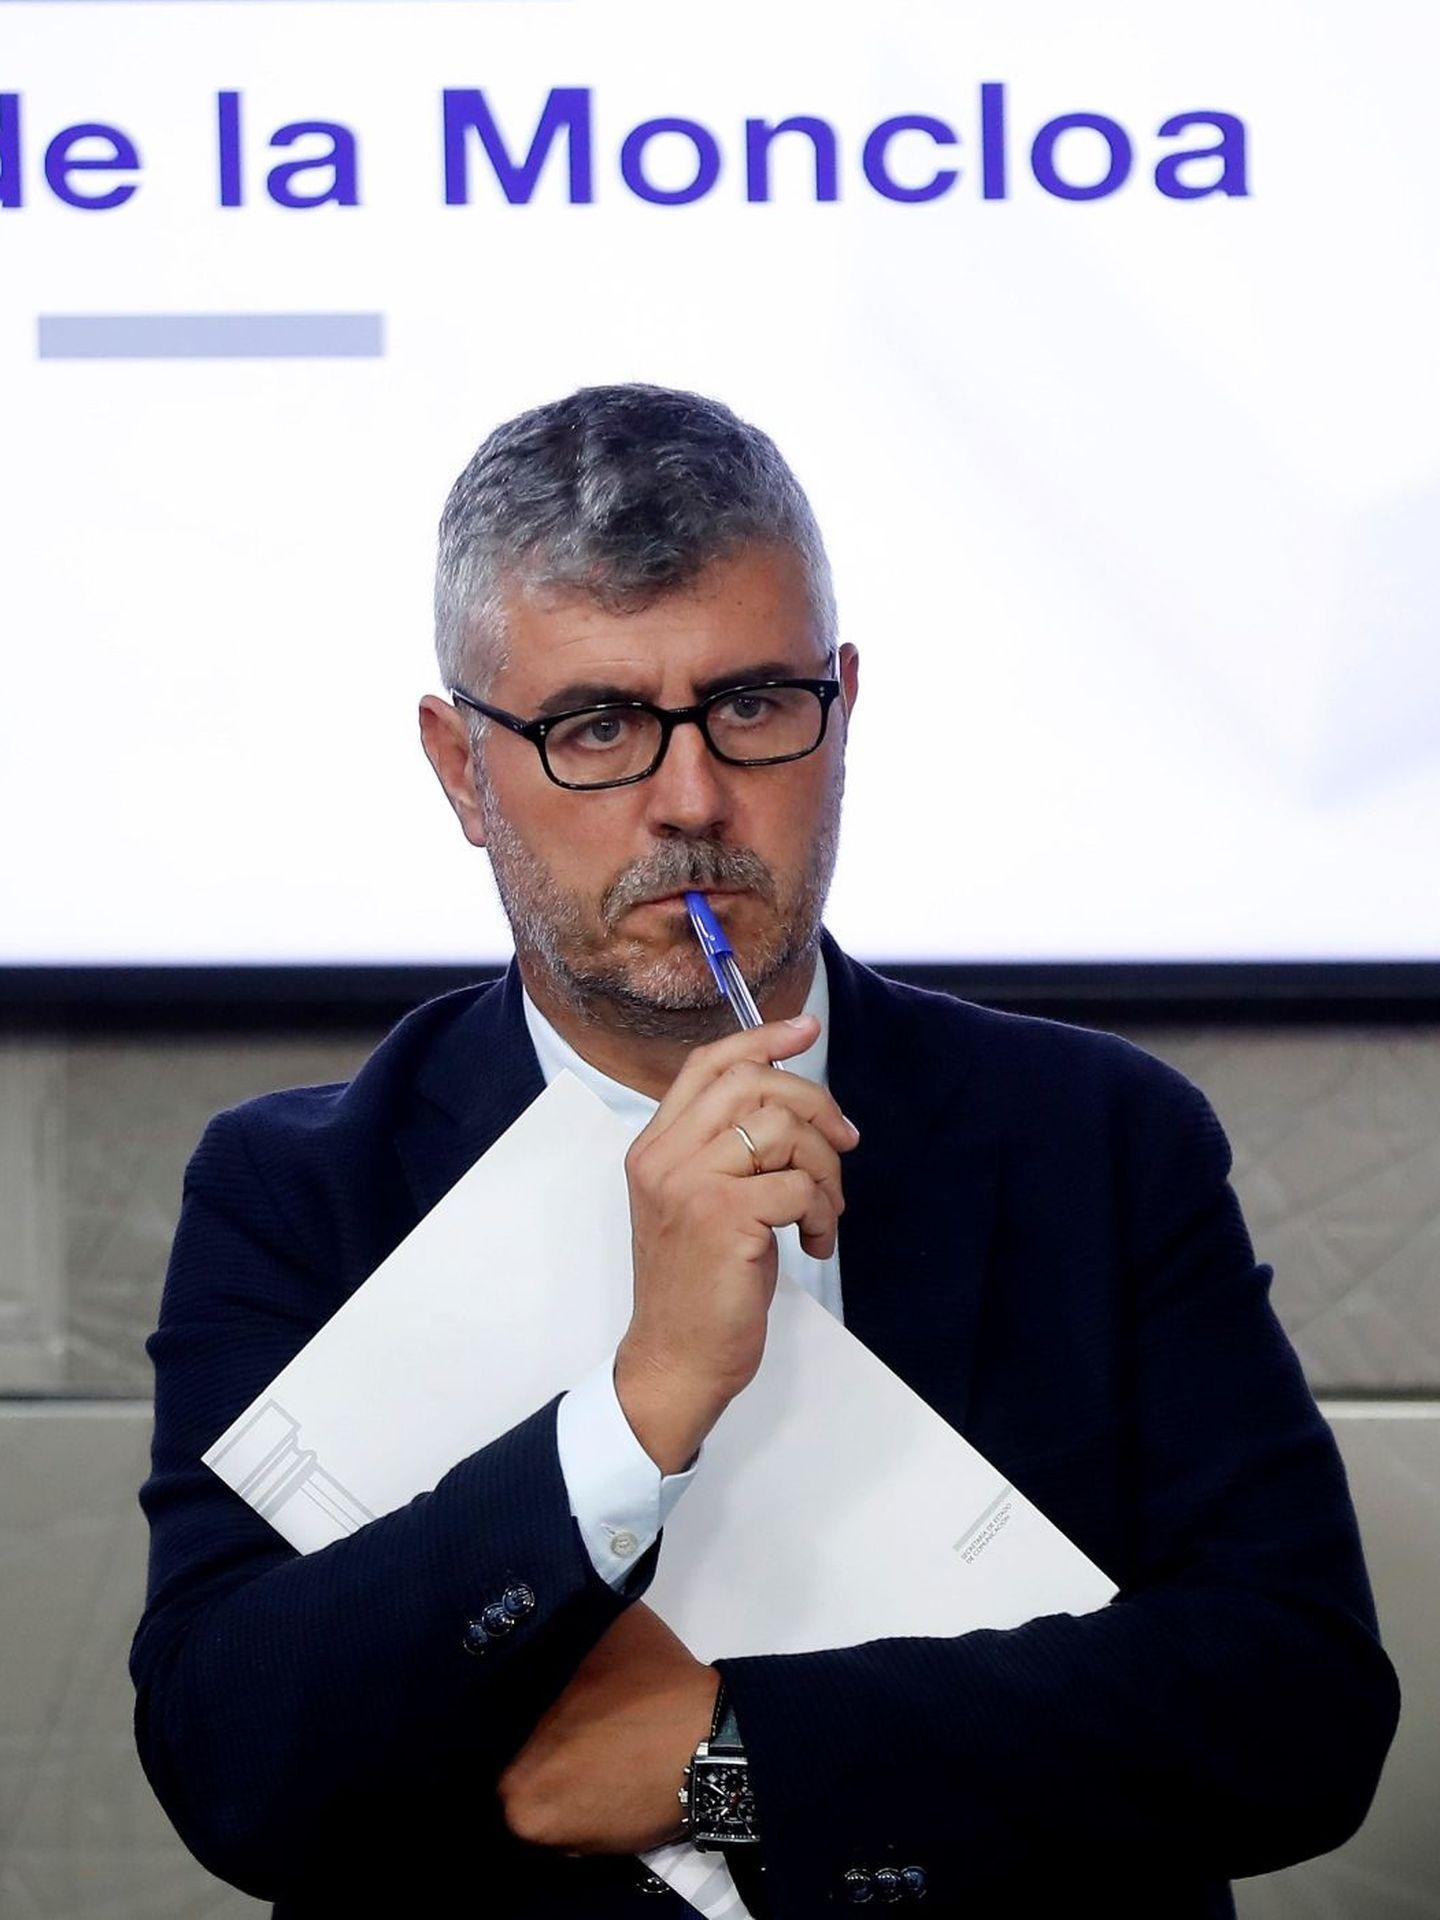 Miguel Ángel Oliver, en agosto de 2018 en la Moncloa. (EFE)